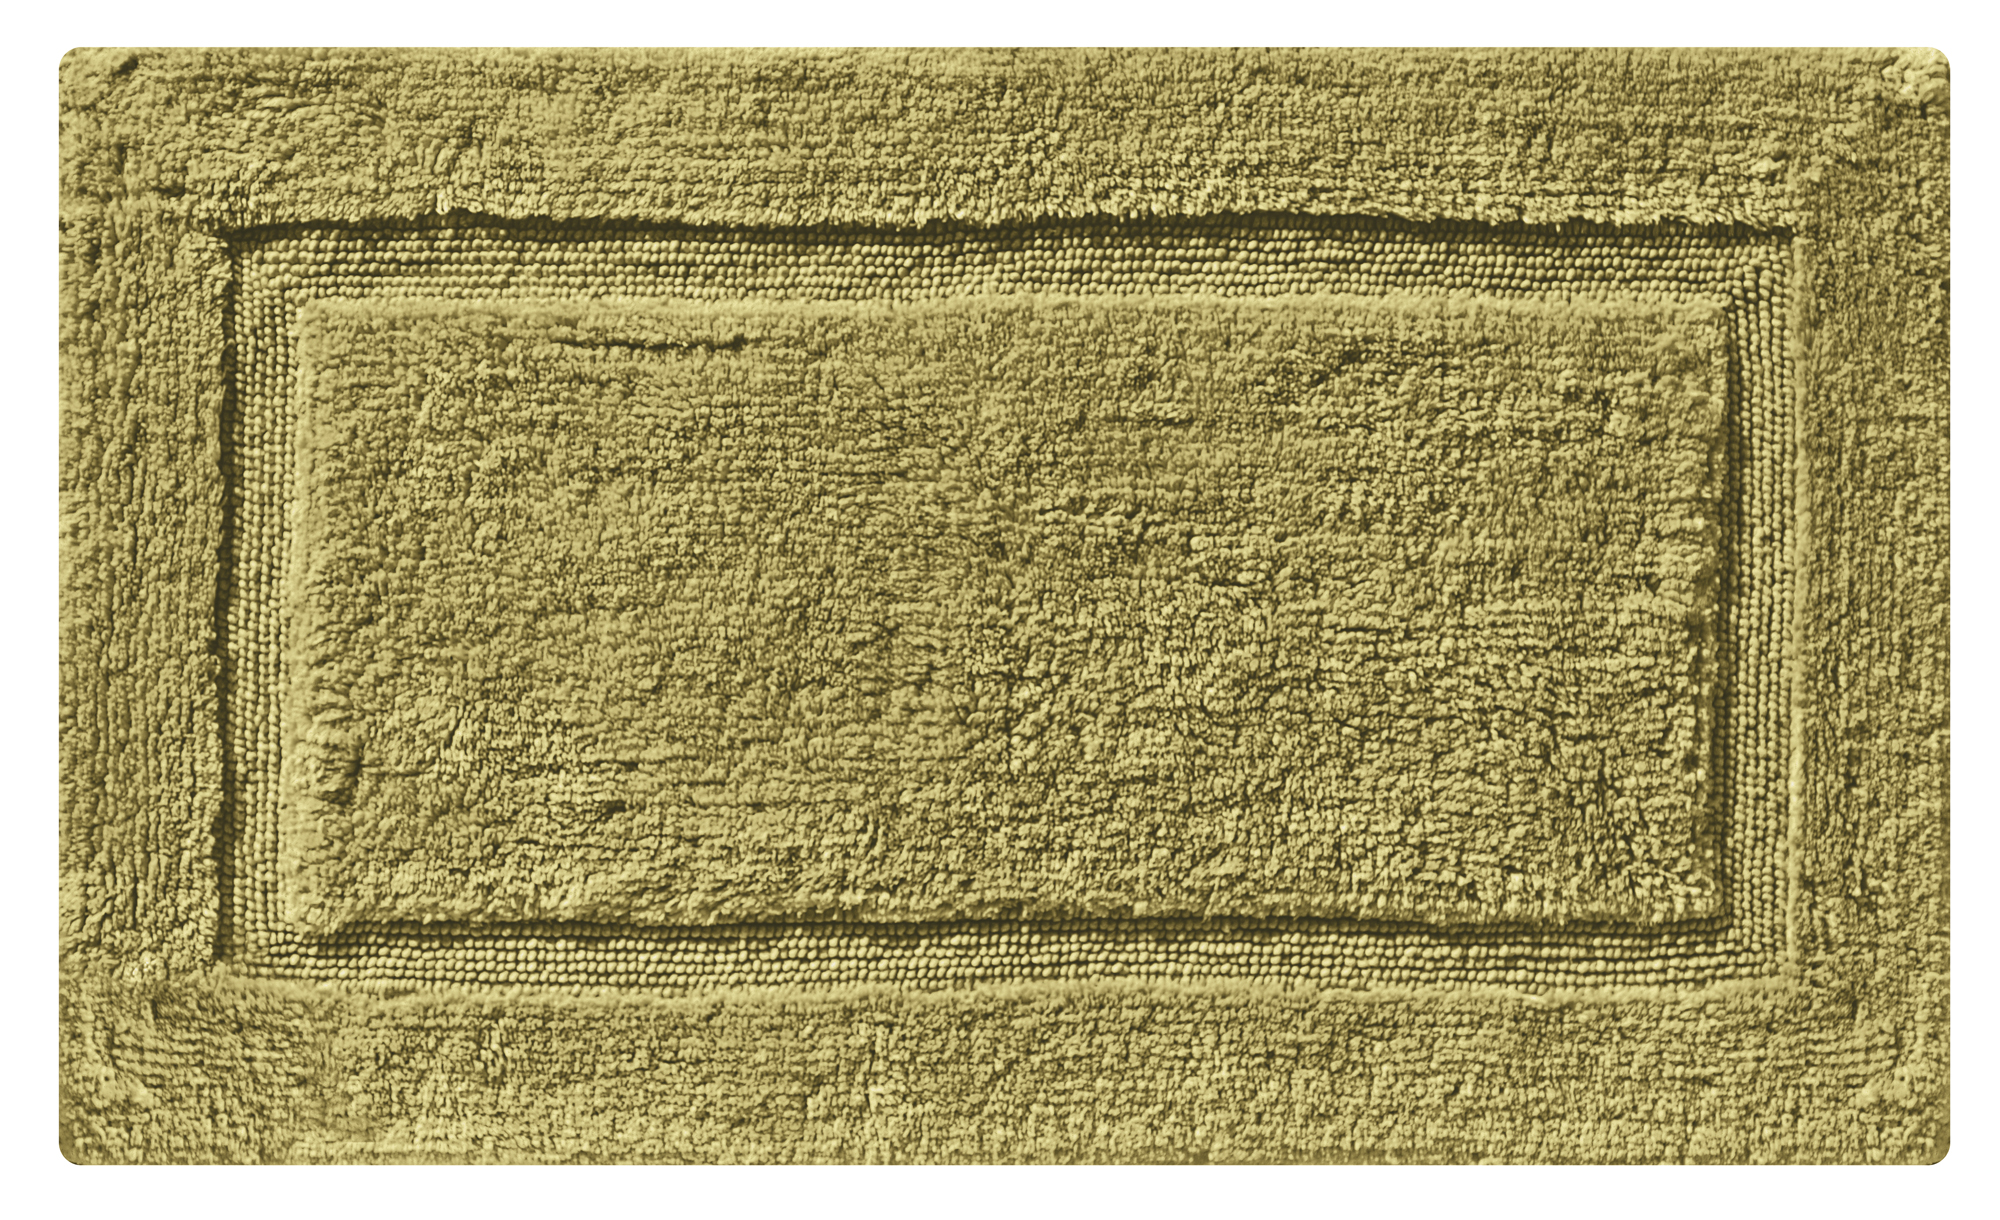 ΤΑΠΕΤΟ ΜΠΑΝΙΟΥ ΒΑΜΒ.50Χ80 BORDER ΧΑΚΙ